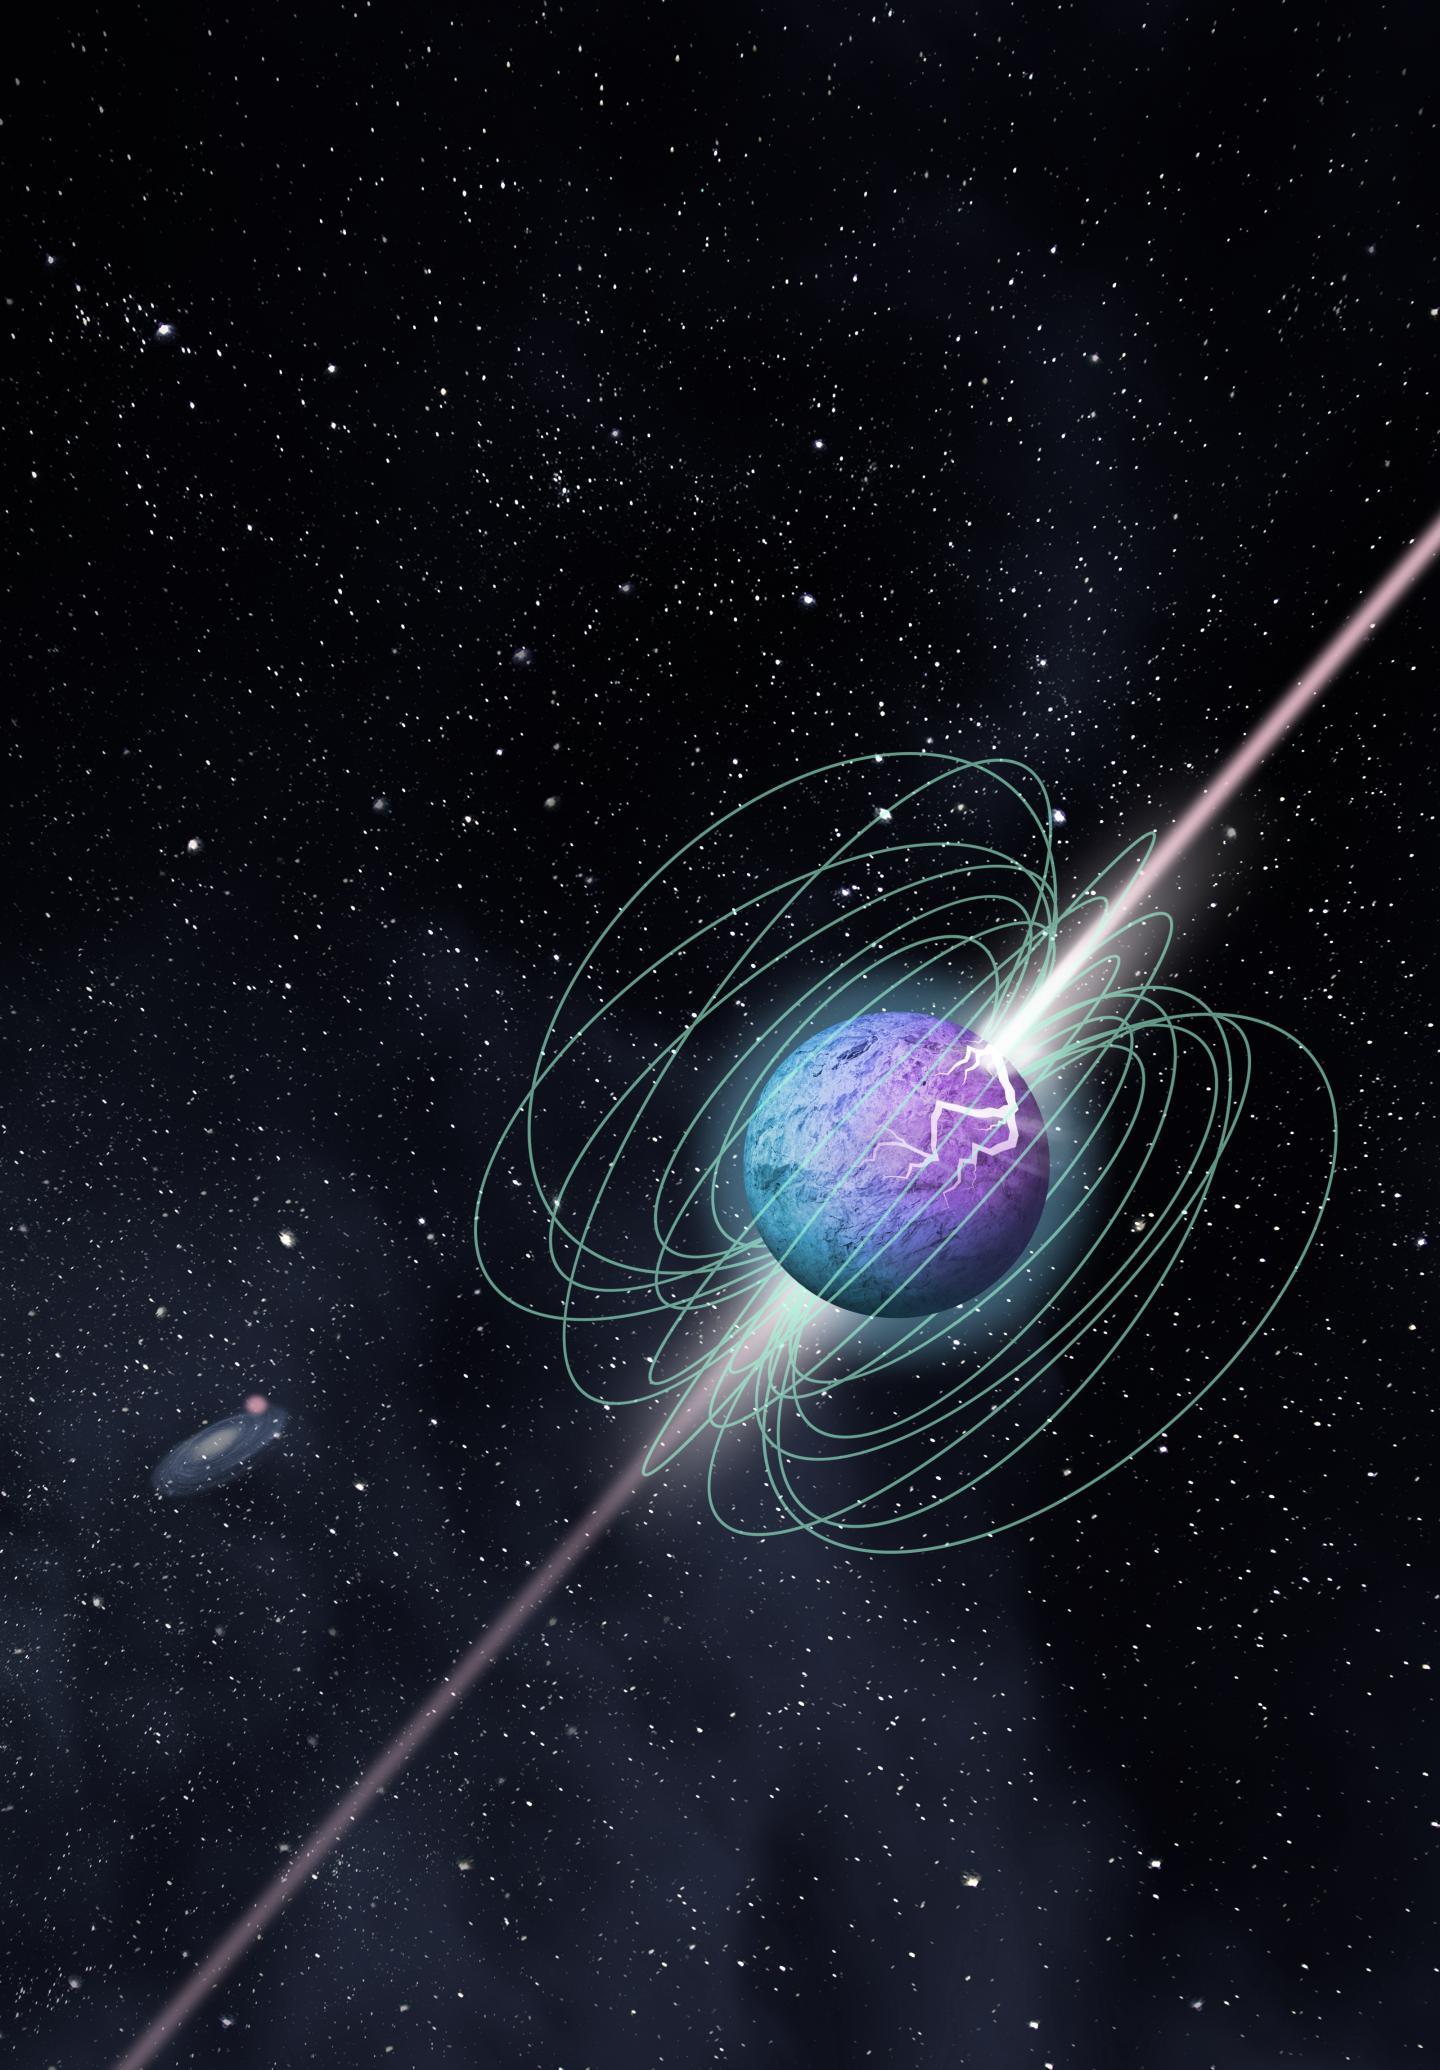 Magnetar in outburst